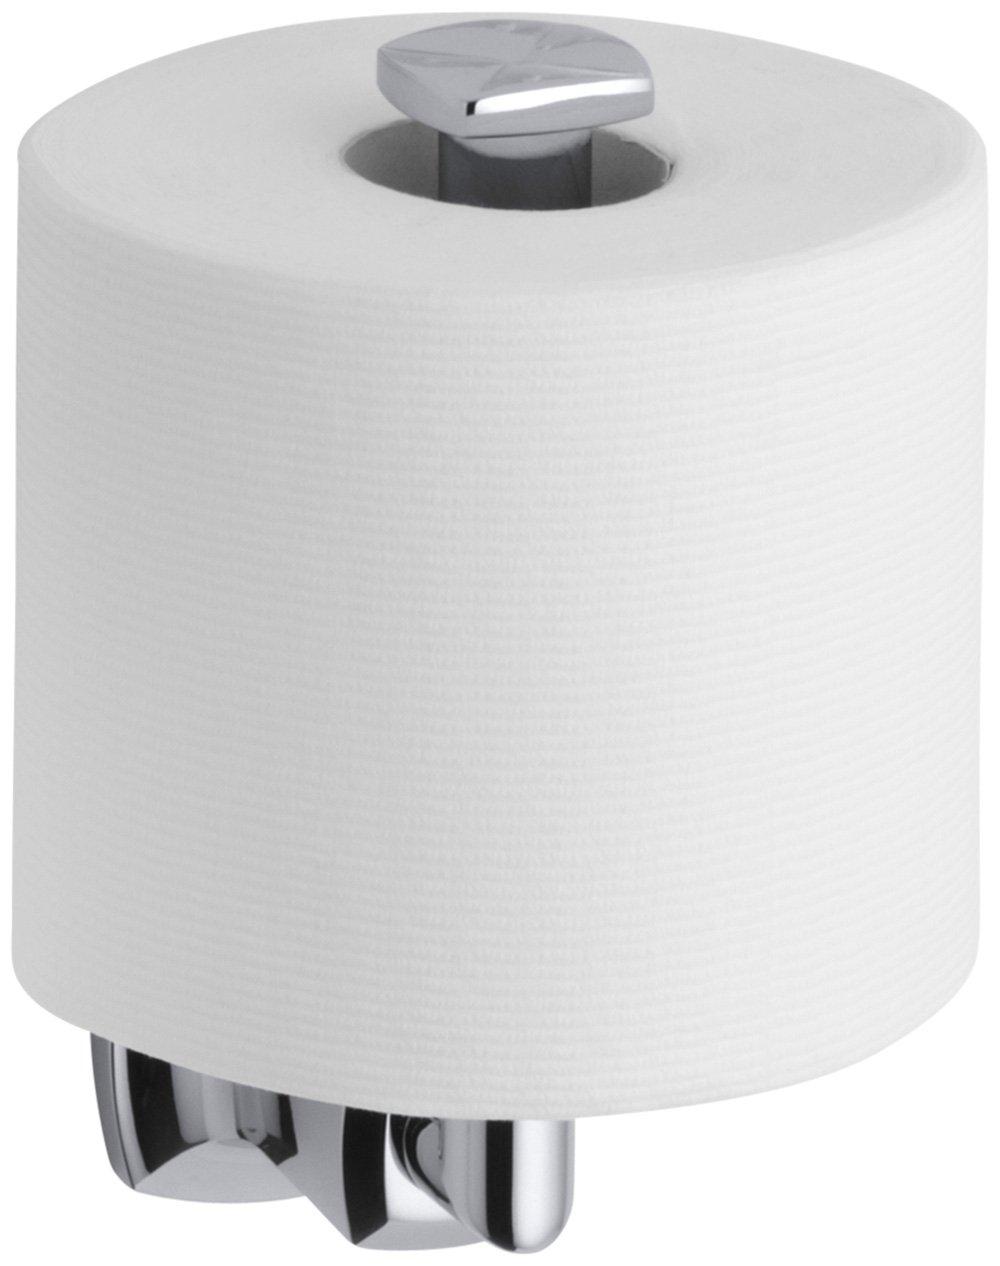 KOHLER K-16255-CP Margaux Toilet Tissue Holder, Polished Chrome